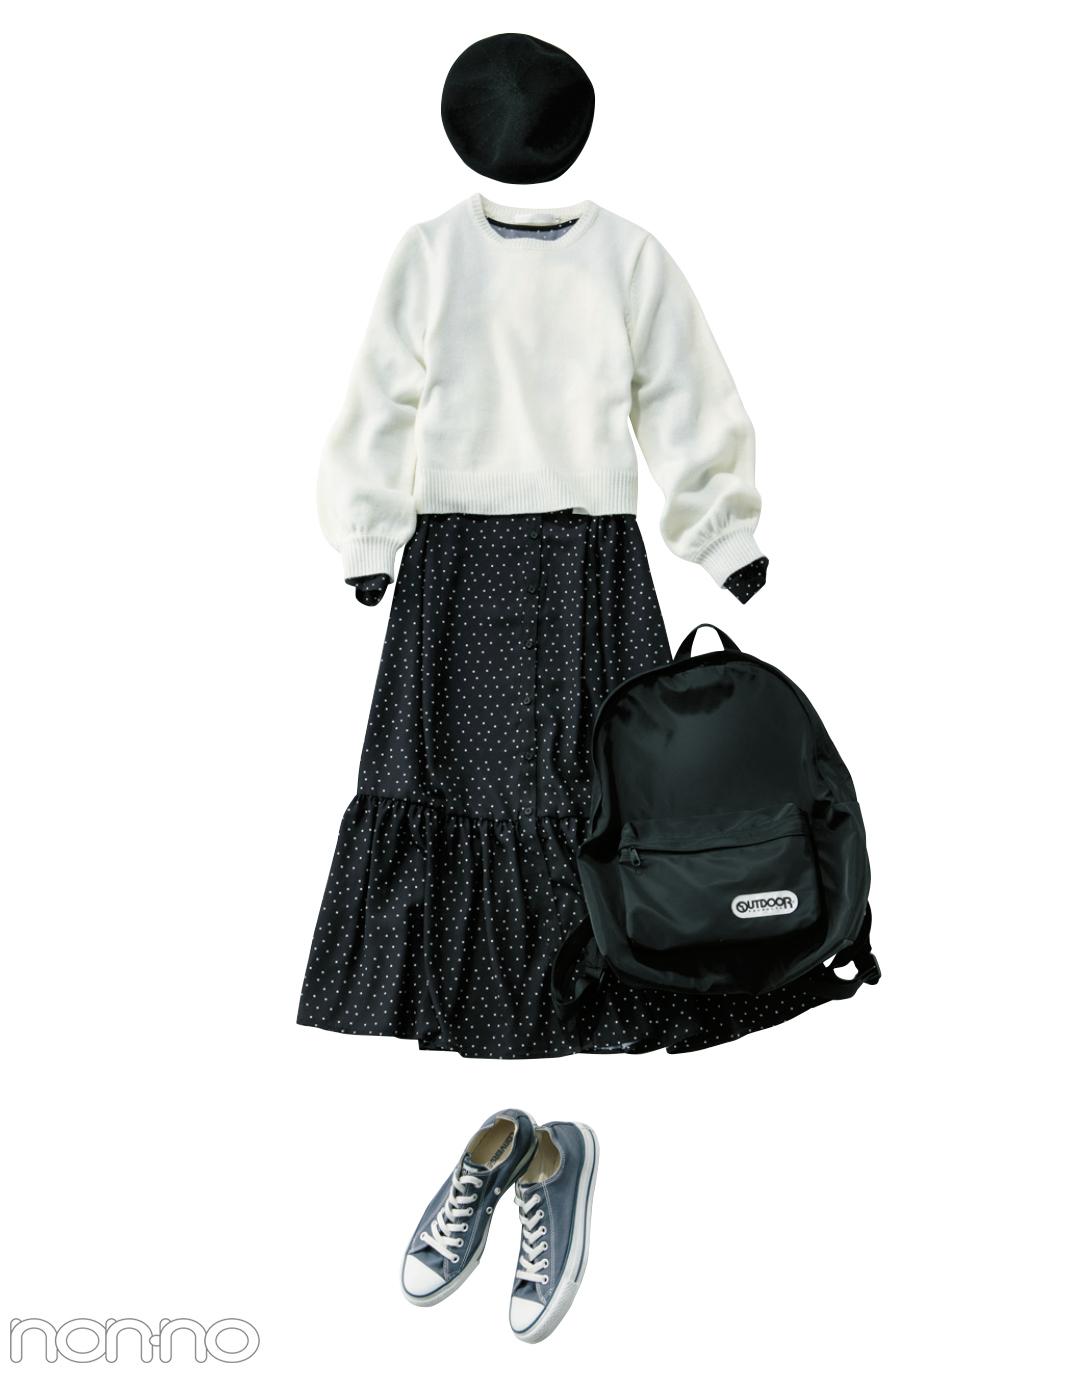 出会いの季節に買いたい♡ マキシ丈の水玉ワンピ、好印象の着回しコーデ3選!_1_4